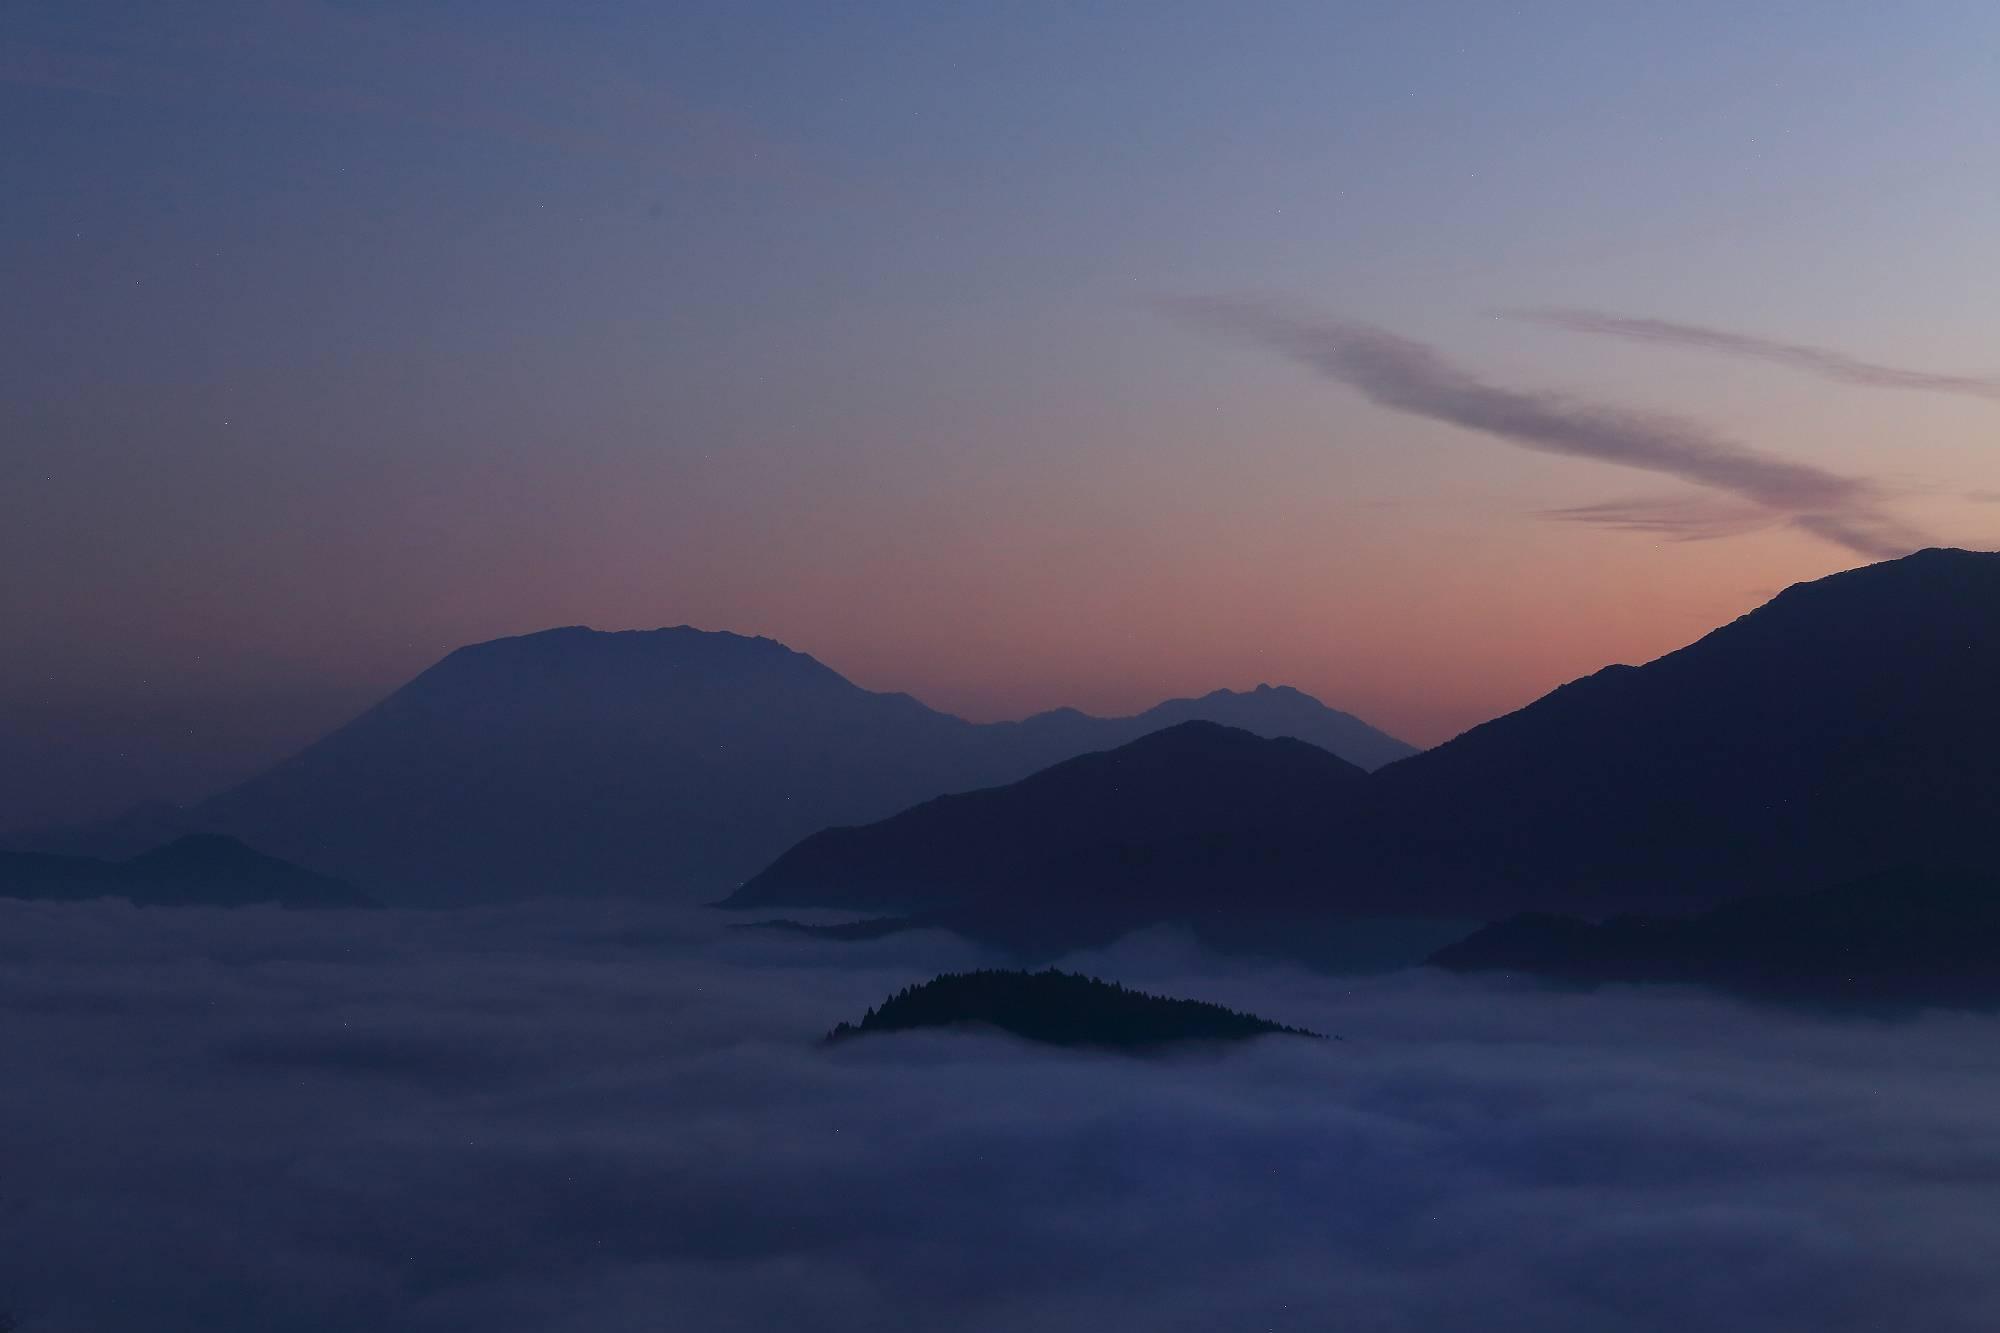 """ー山陰の絶景を求めて """"雲海に浮かぶ大山"""" ー そのⅠ_a0140608_22004826.jpg"""